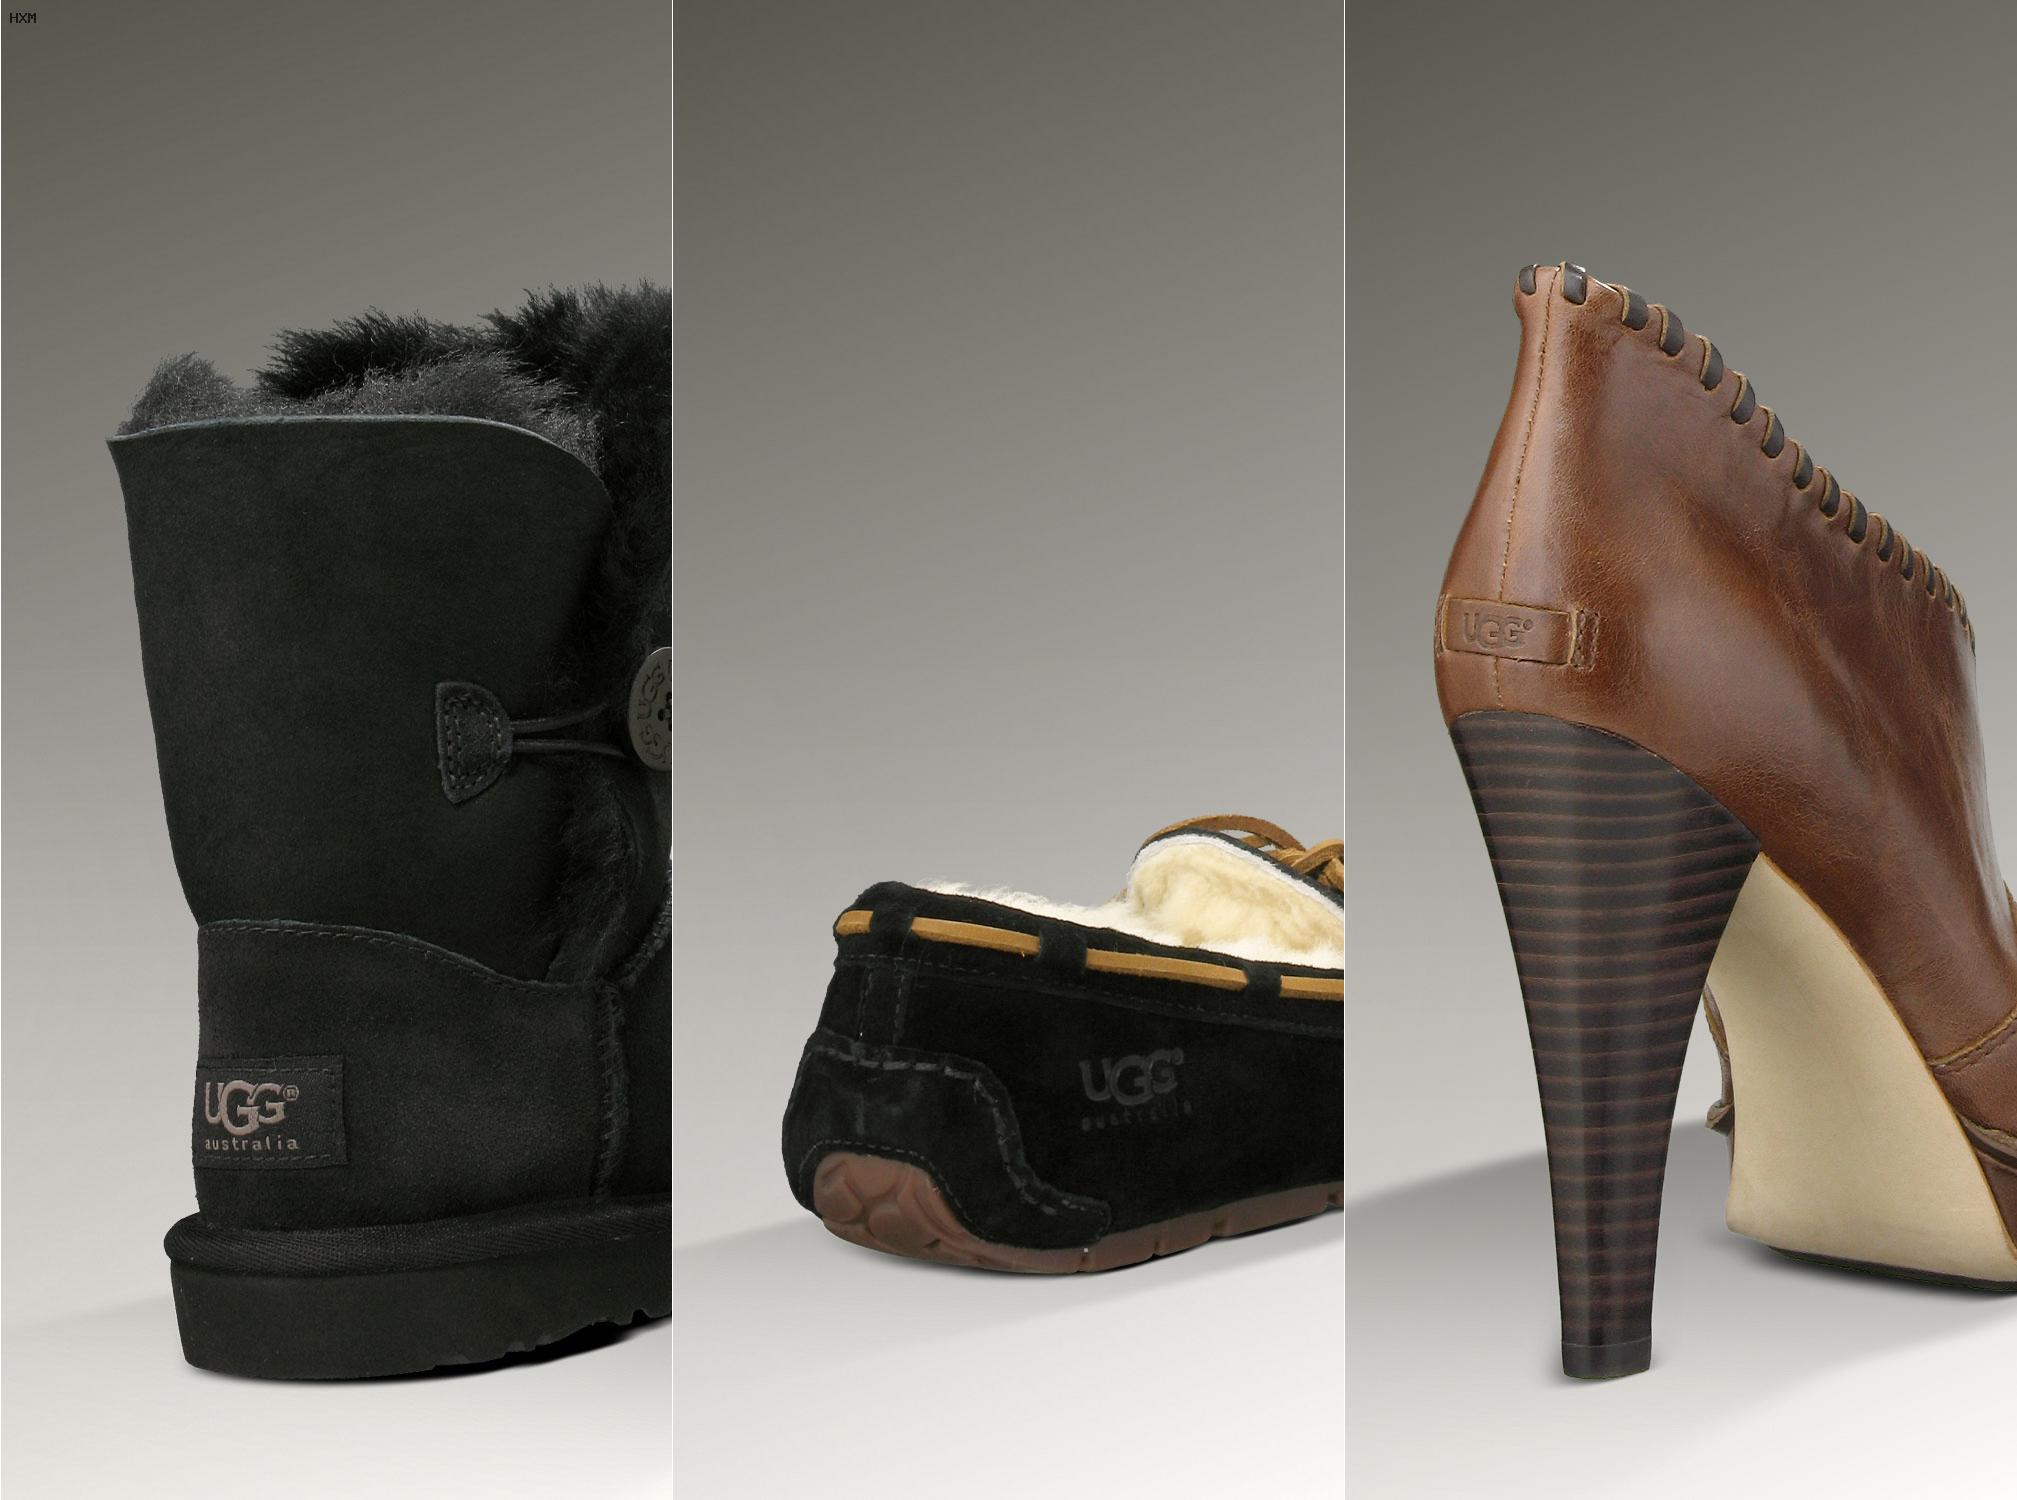 scarpe ugg donna